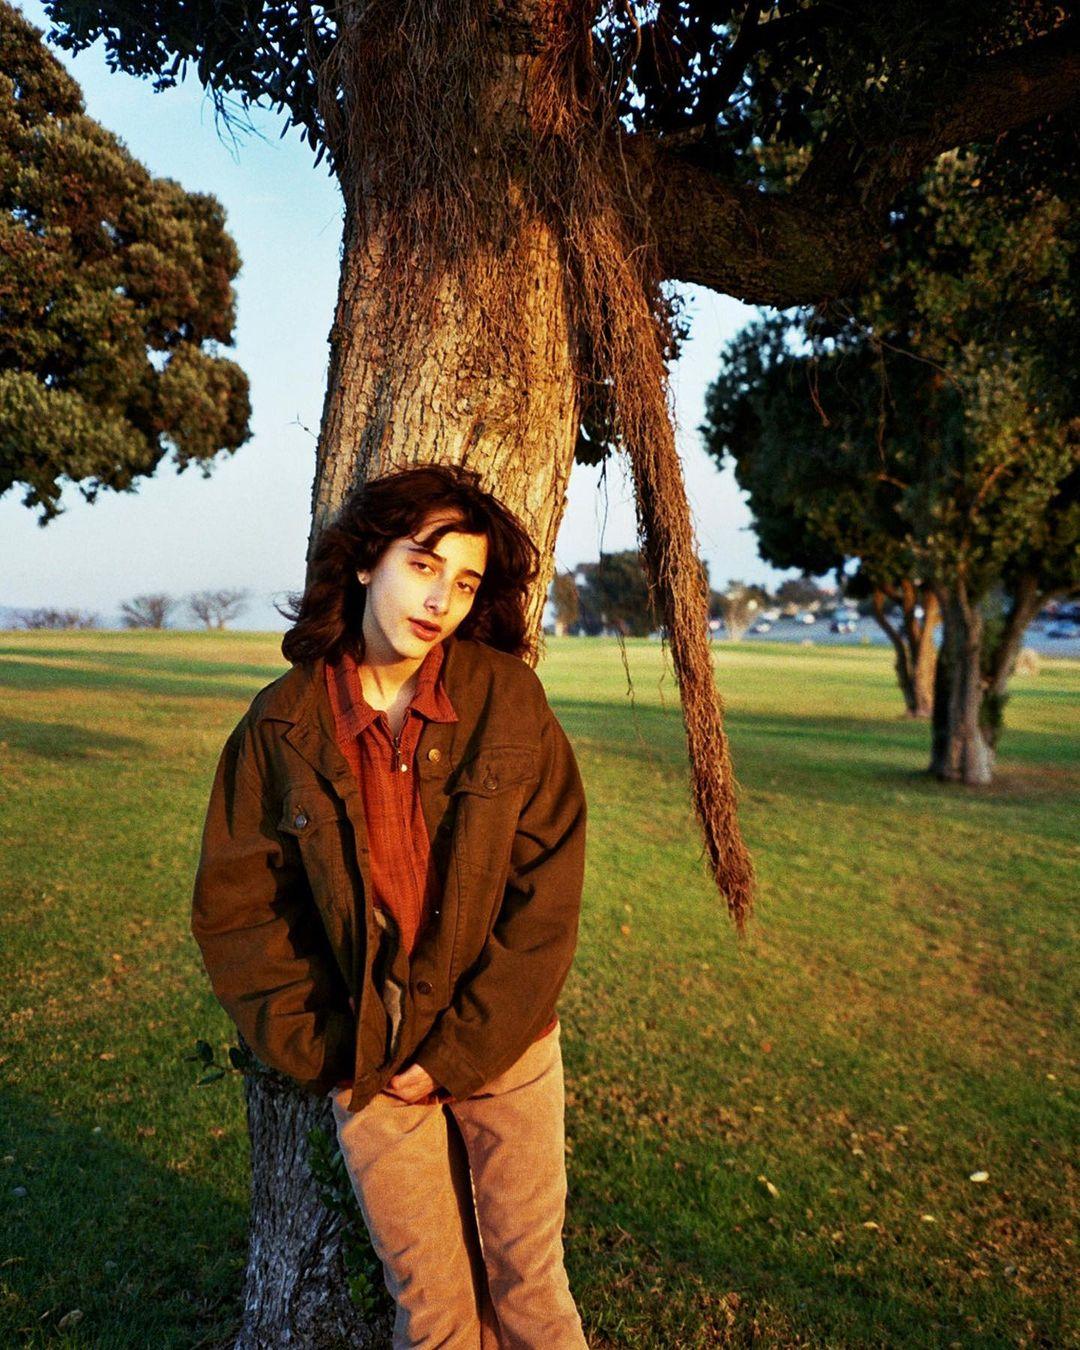 KALI: Indie pop adolescente que te traerá recuerdos nostálgicos